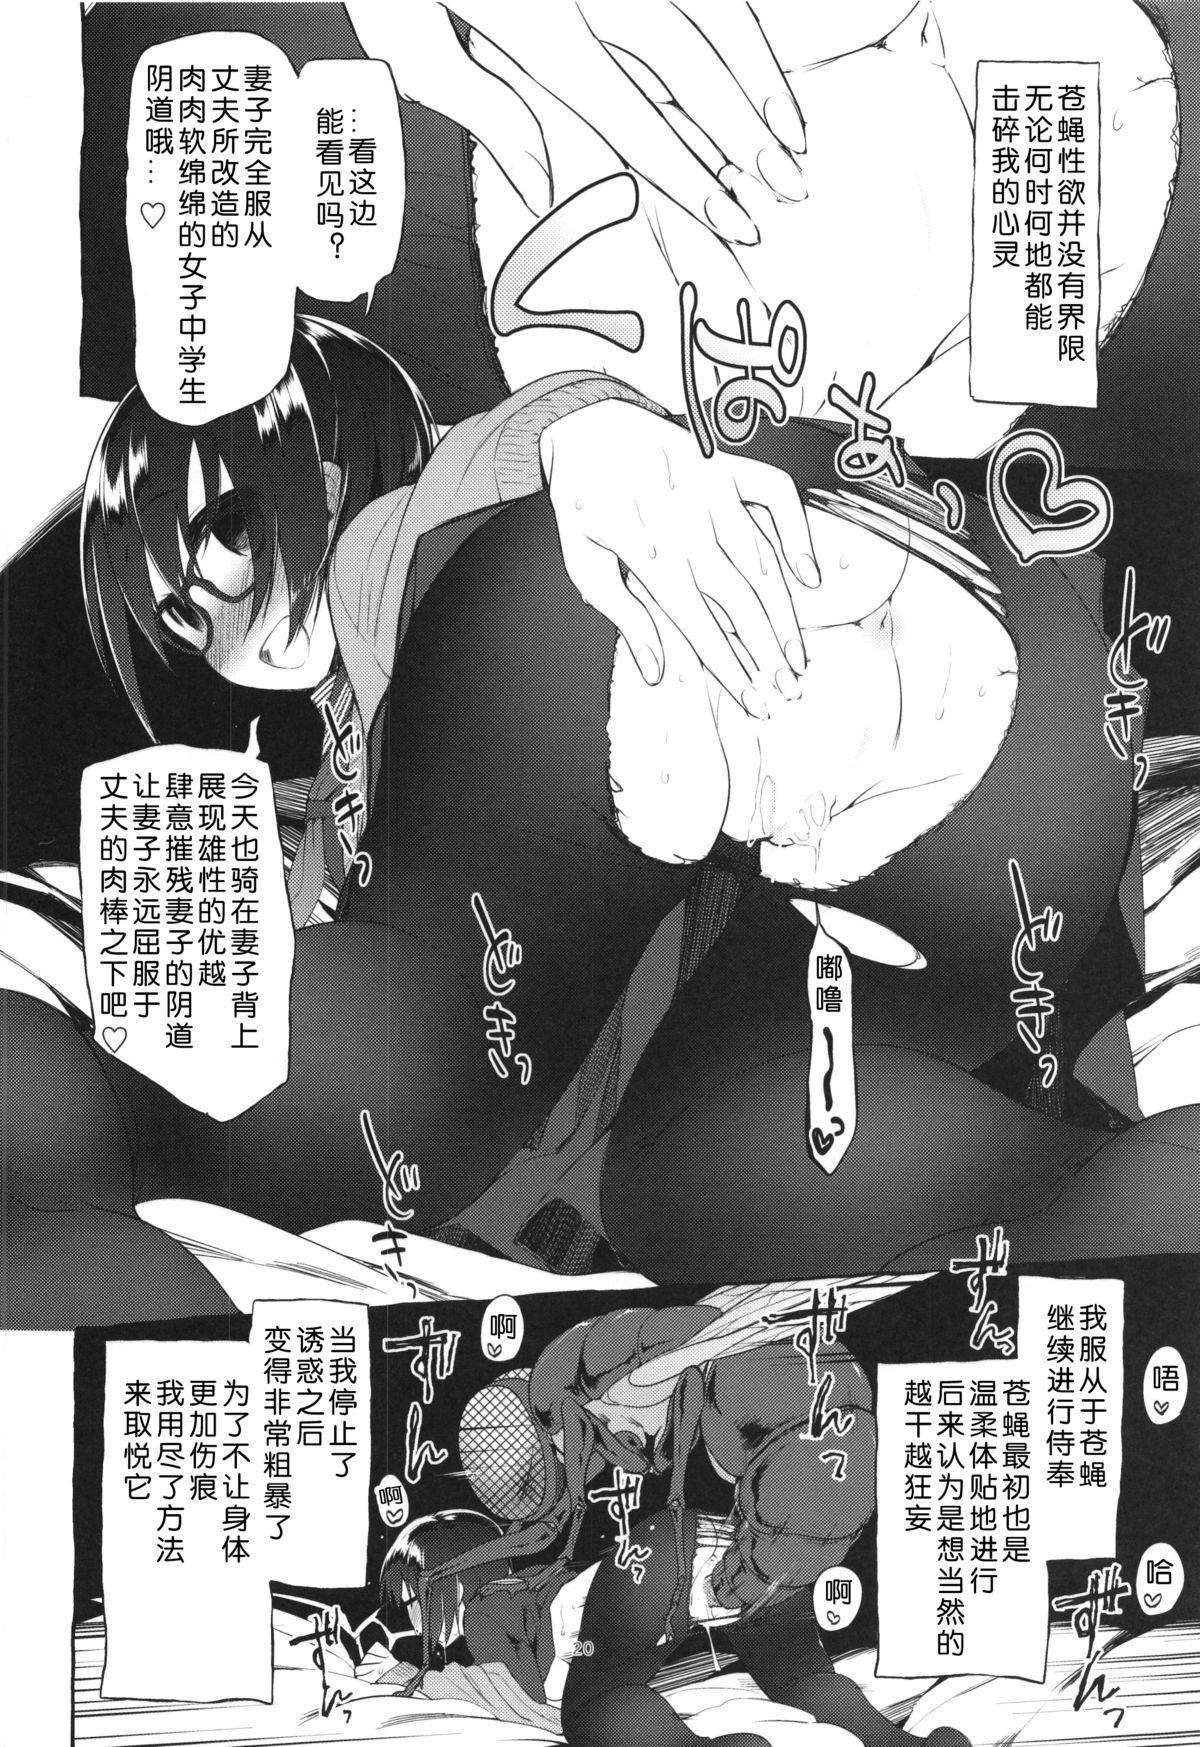 Uchuujin no Fuyu 21